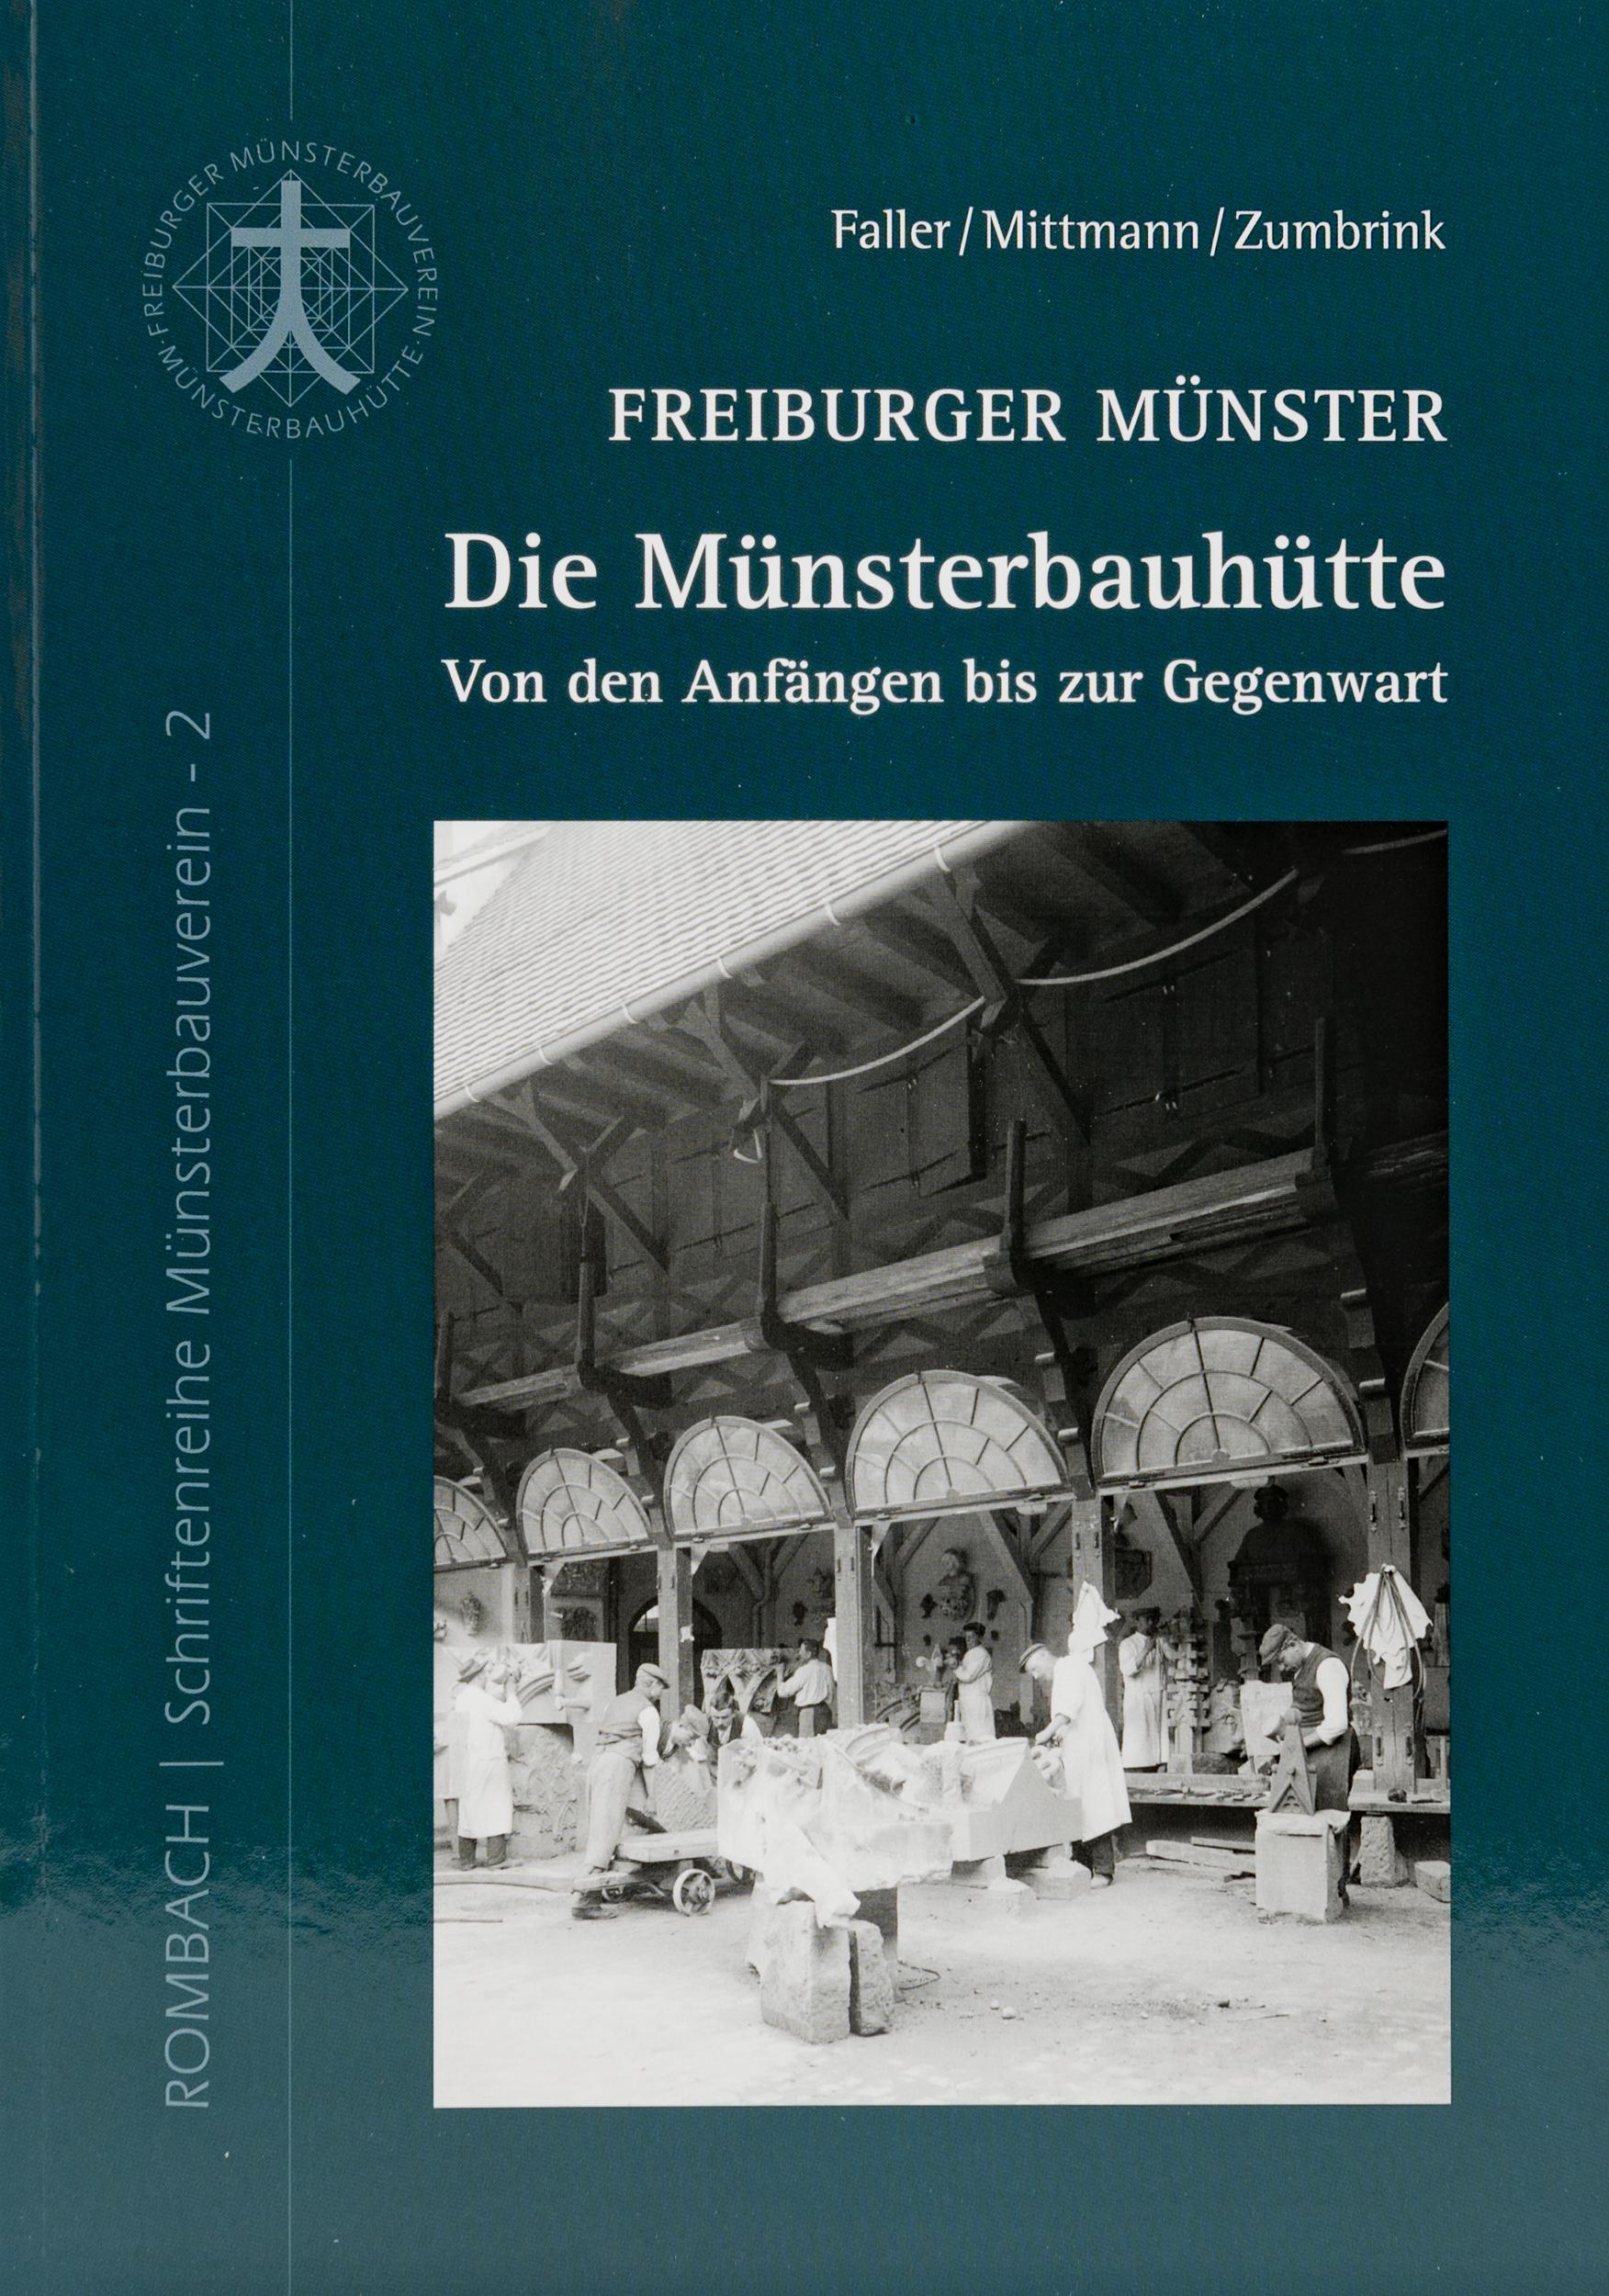 109 Muenster Laden Freiburg Buch Geschenk die Muensterbauhütte Faller